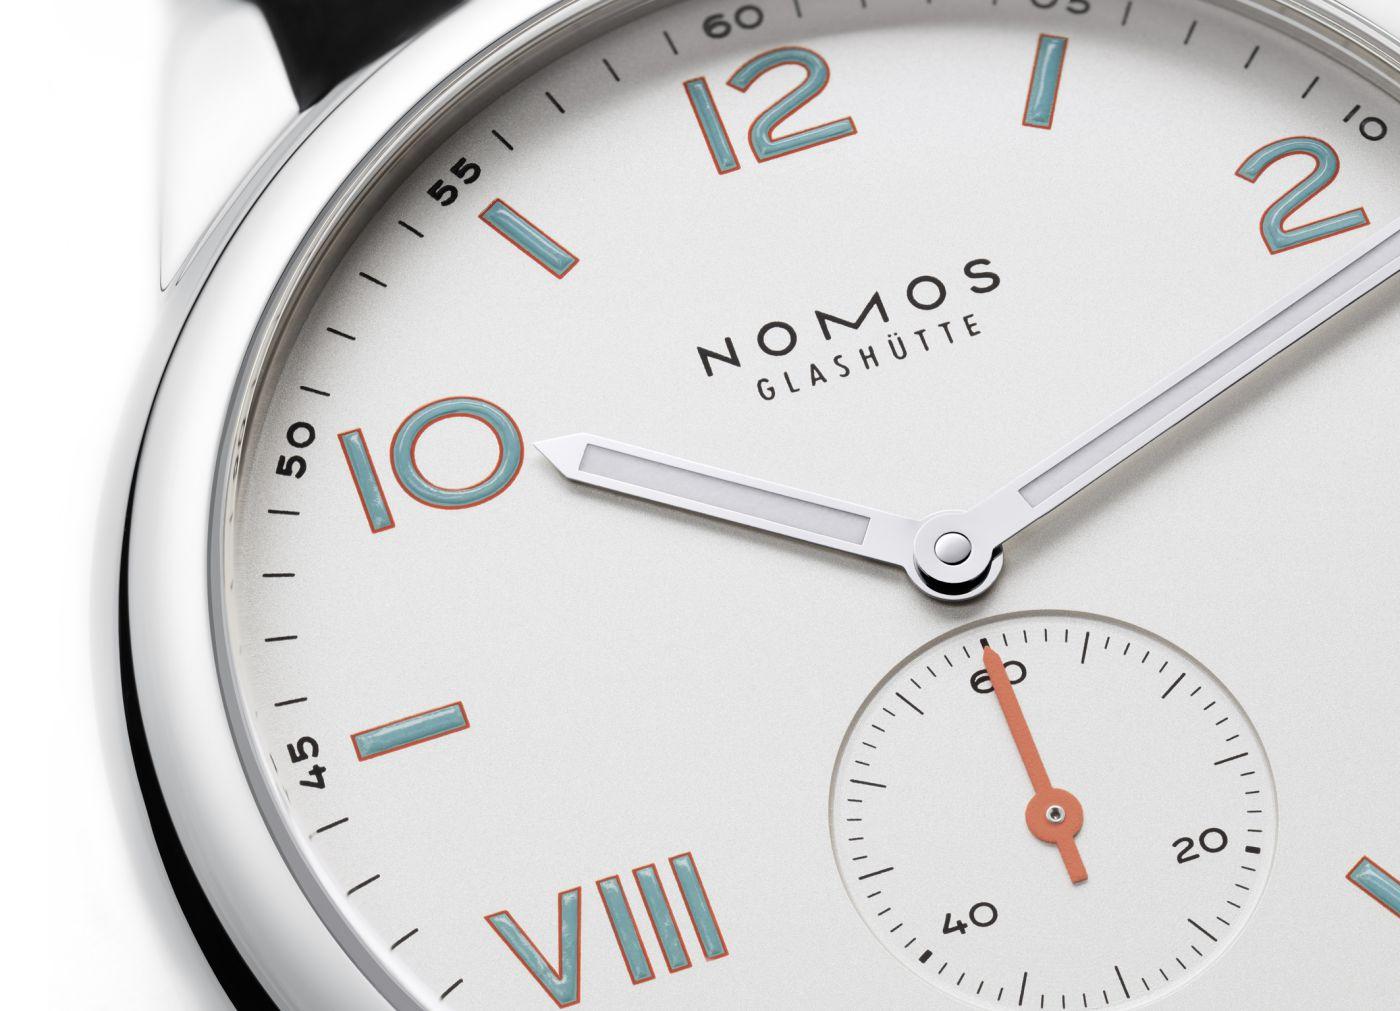 Nomos-Club-Campus-9.jpg